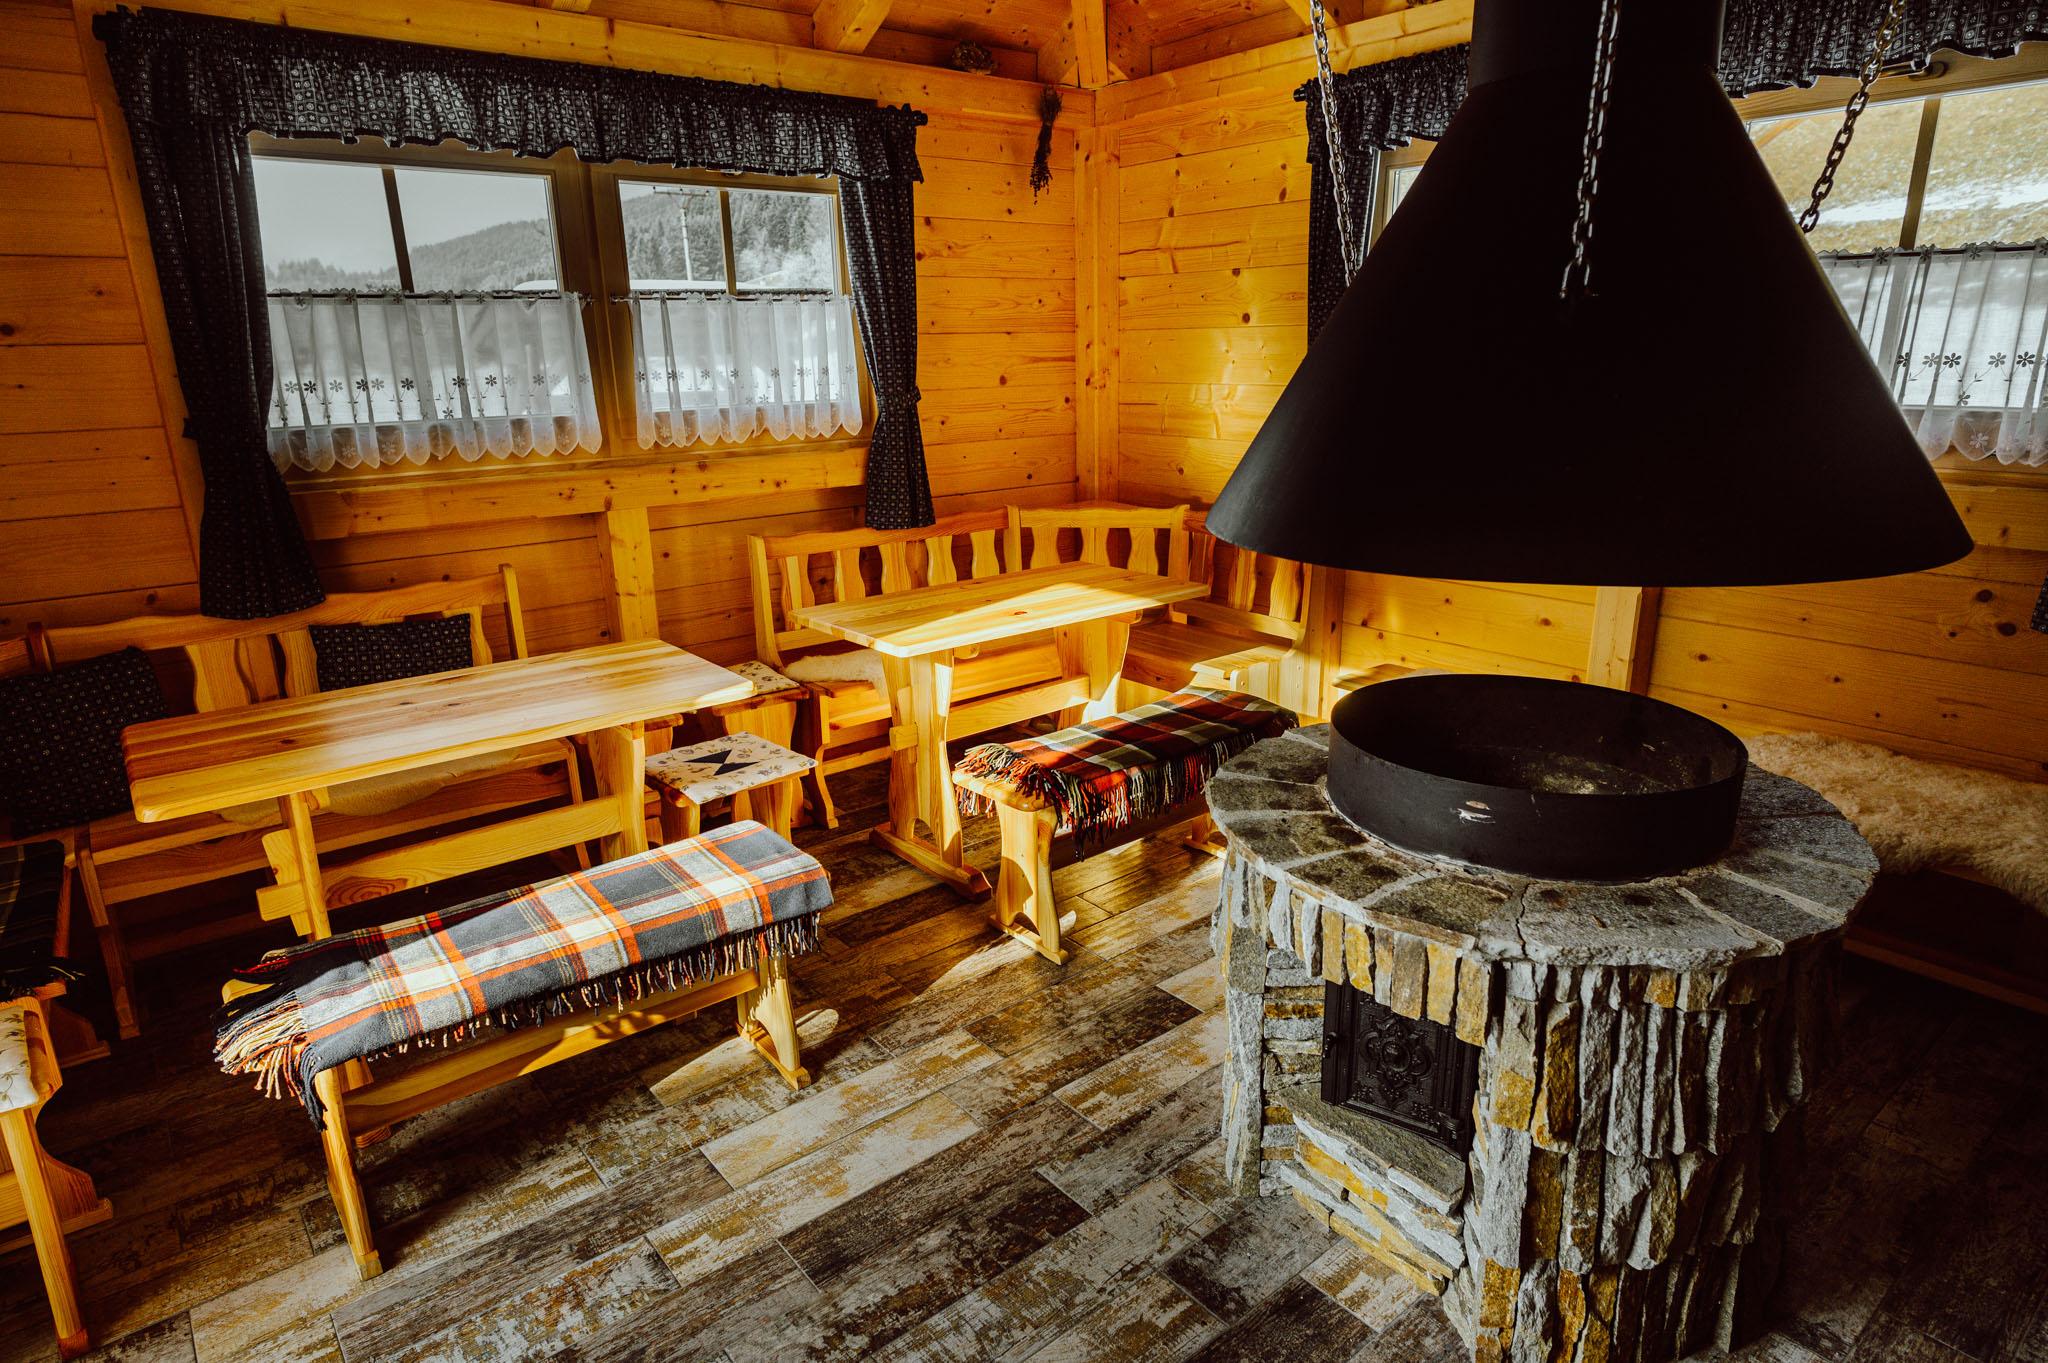 Grilšopa je k dispozici pro všechny ubytované hosty Valašského Dvora